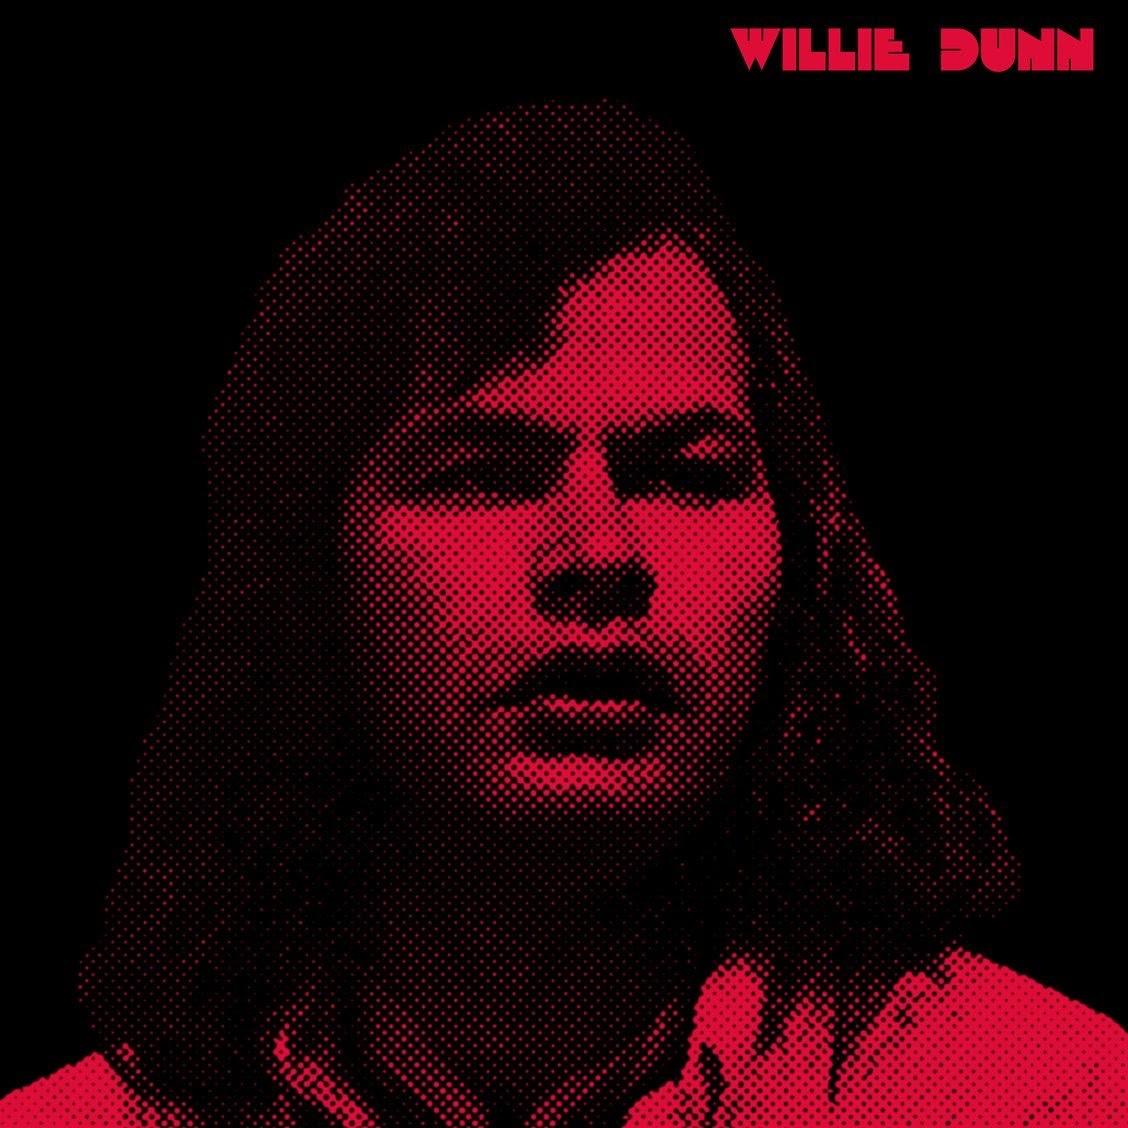 Willie Dunn Anthology